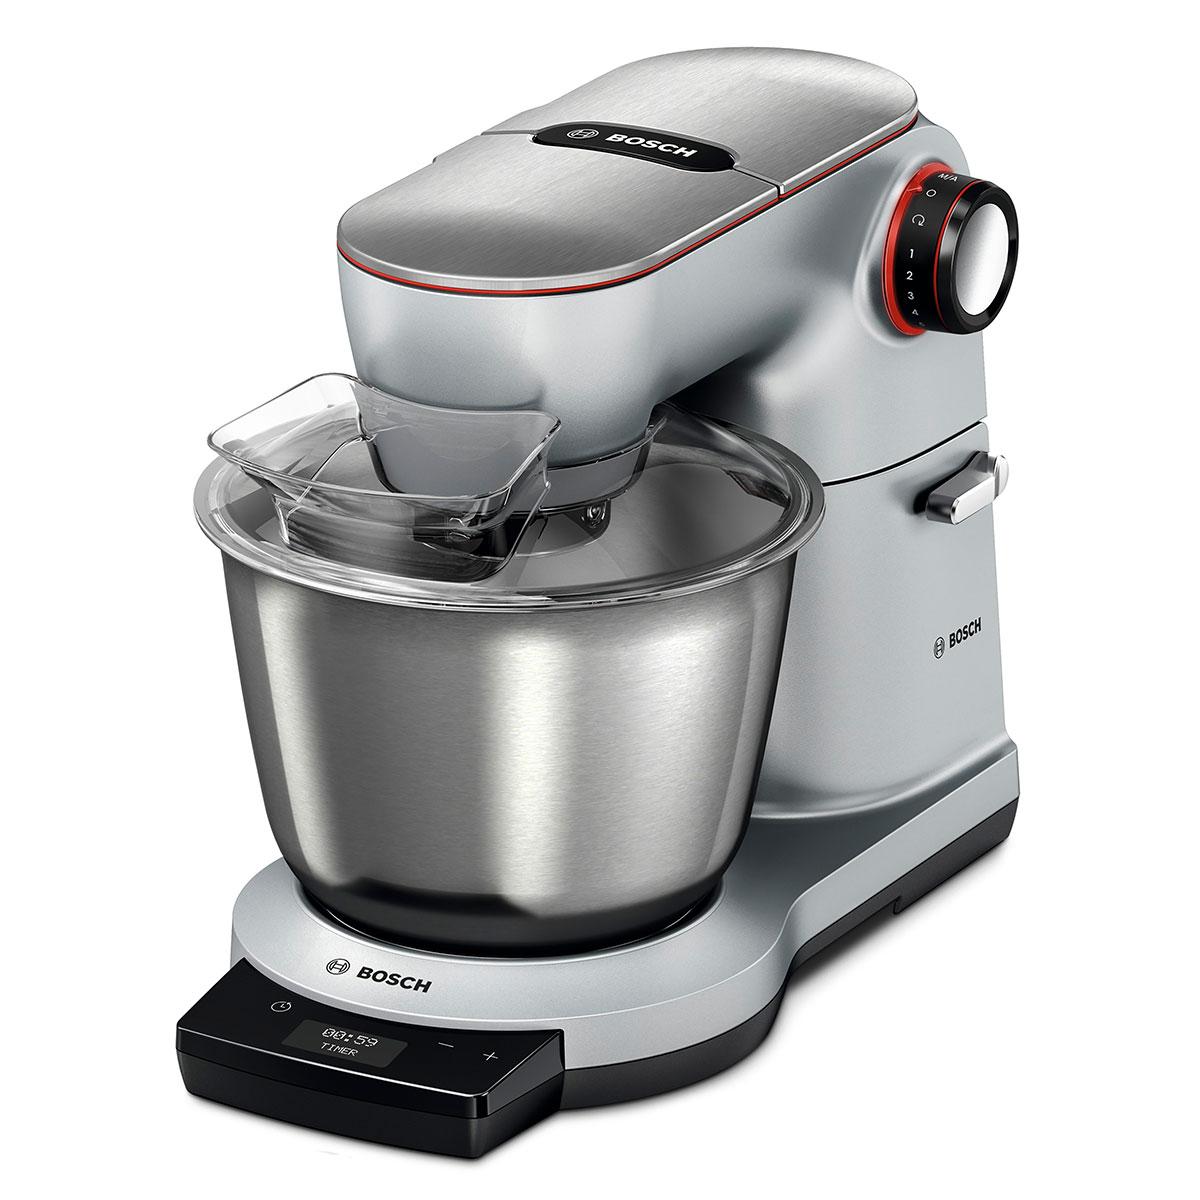 Bosch køkkenmaskine - Optimum PLS - Granitgrå